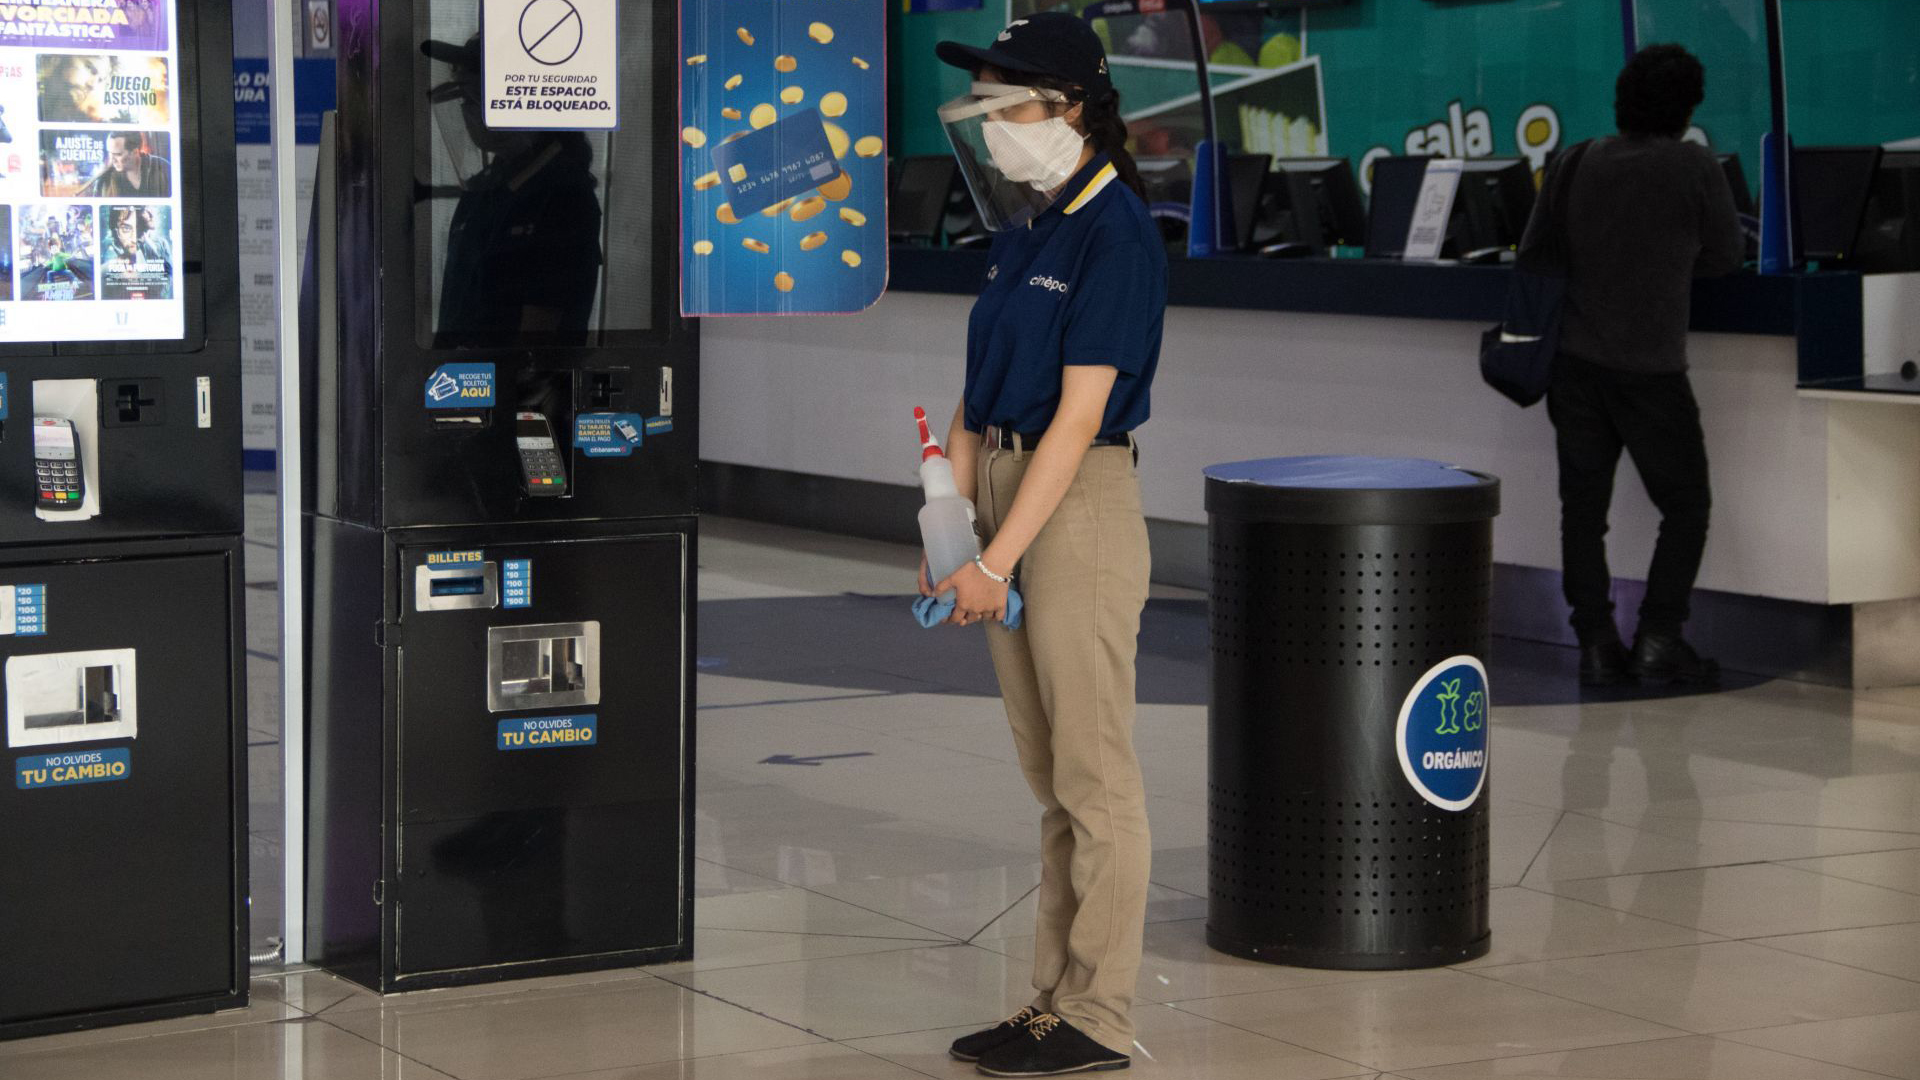 Todos los empleaos debe de utilizar cubrebocas y caretas protectoras en todo momento (Foto: Cuartoscuro)